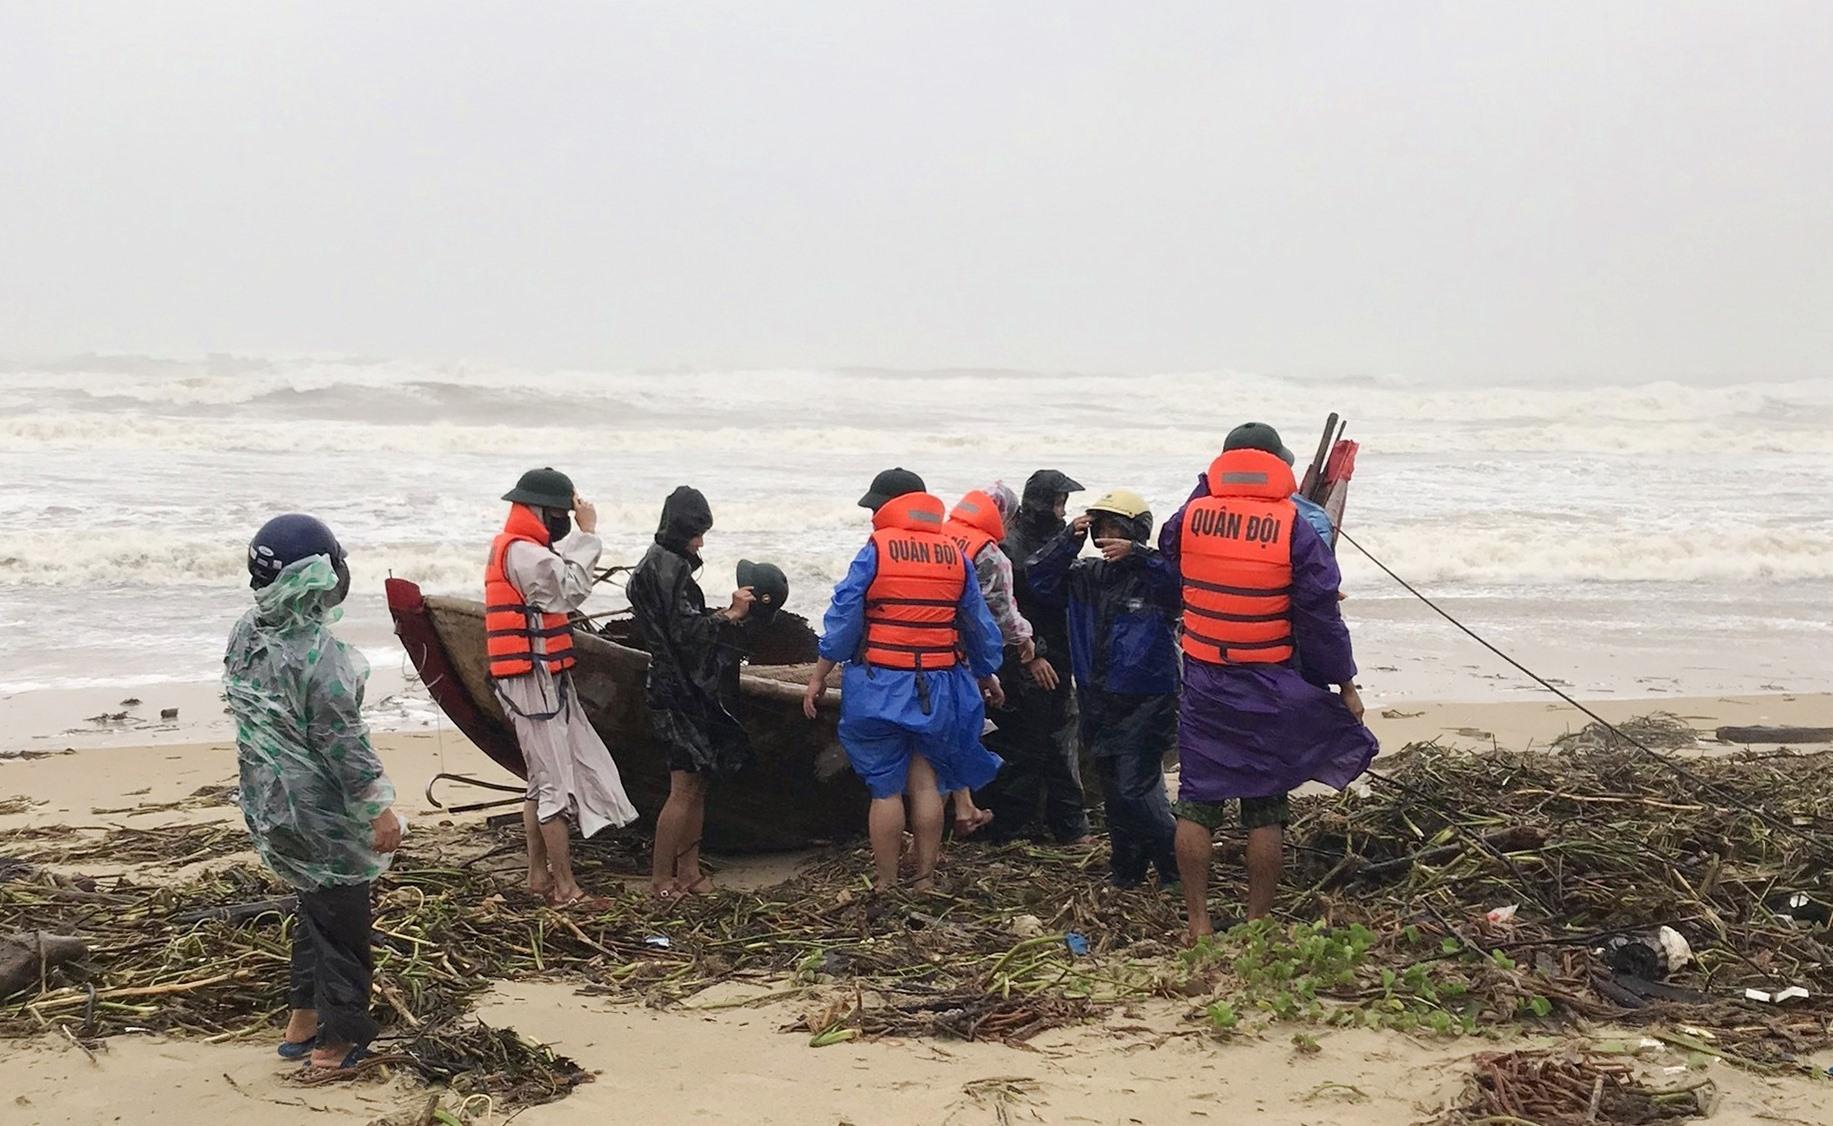 Bộ đội biên phòng giúp nhân dân kéo tàu vào bờ tránh bão. Ảnh: H.A